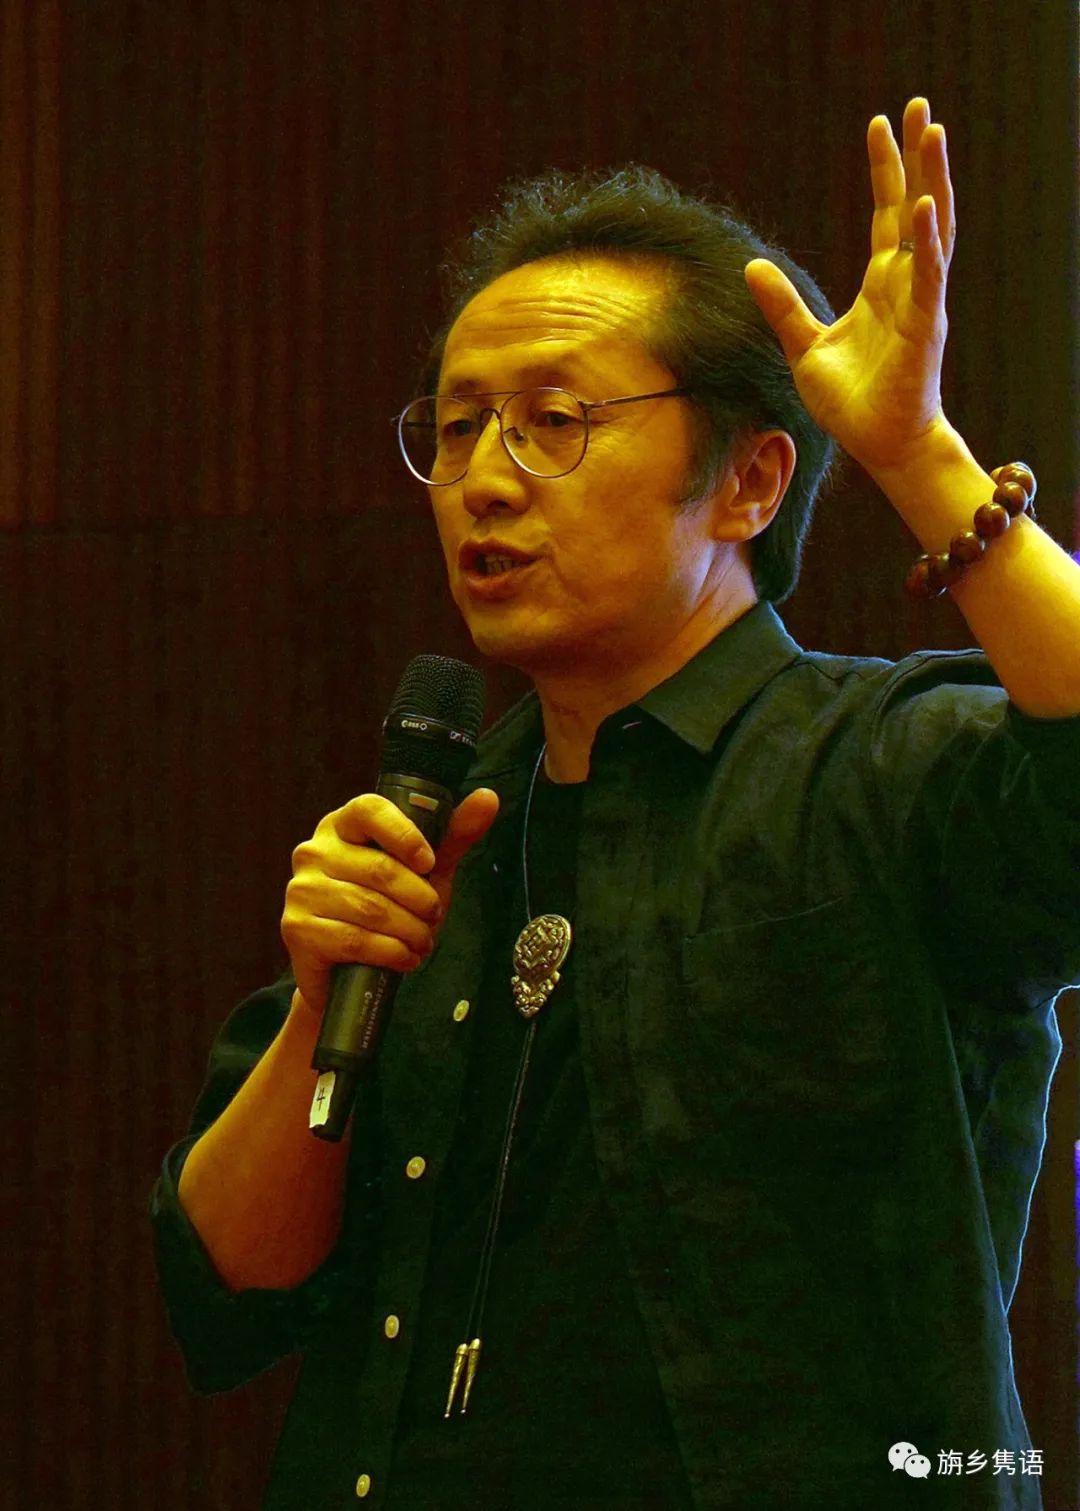 那仁夫谈民族文化与艺术创作 第3张 那仁夫谈民族文化与艺术创作 蒙古画廊